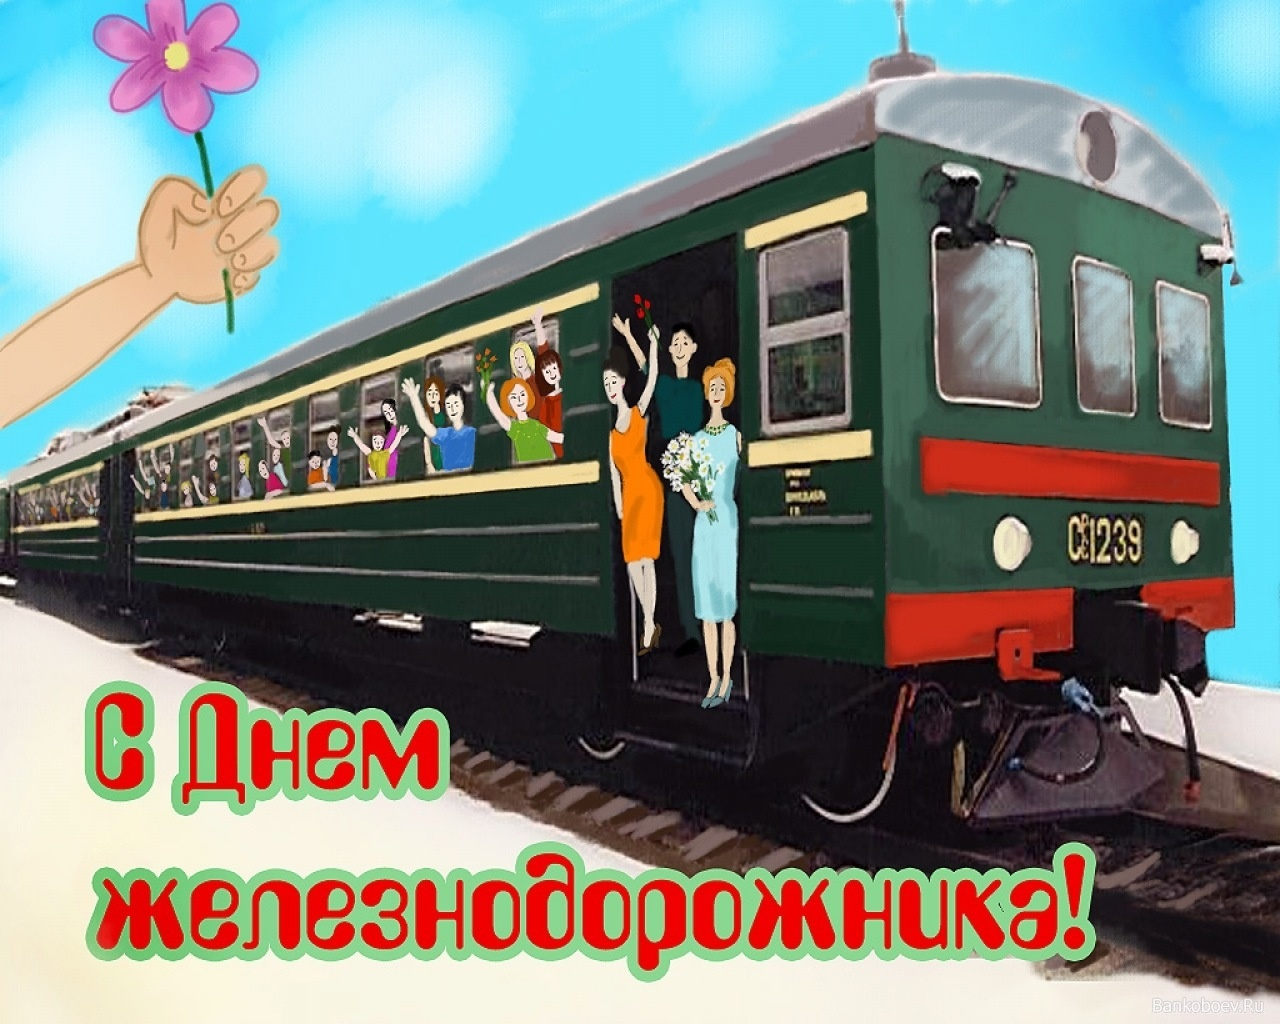 Поздравление на день железнодорожника своими словами